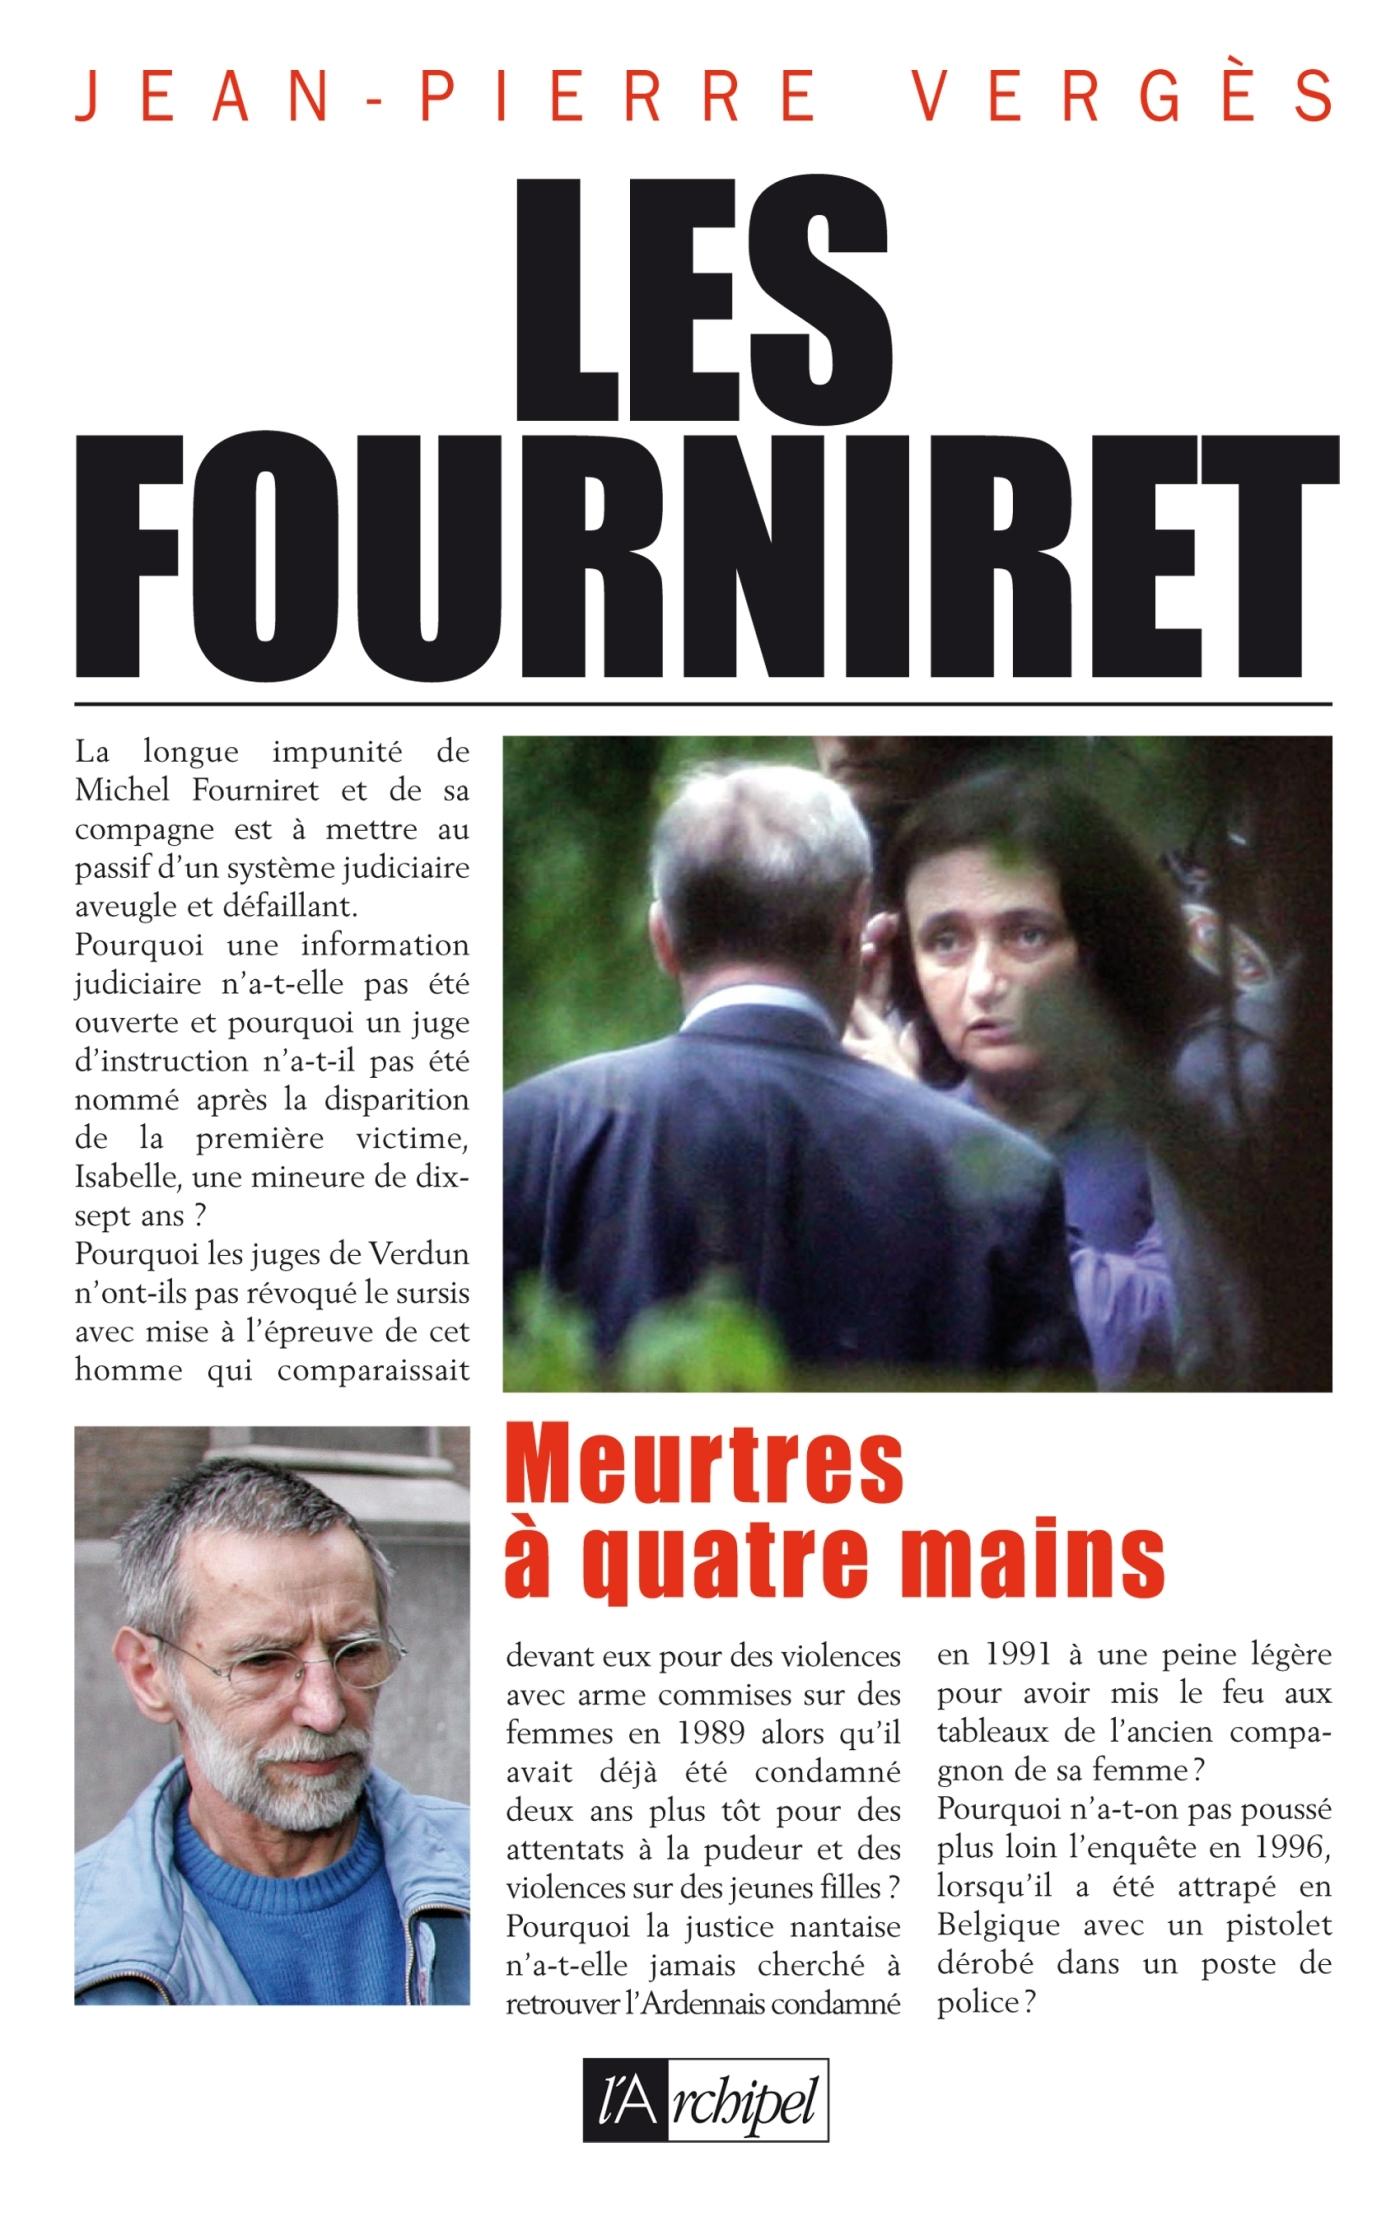 LES FOURNIRET, MEURTRES A QUATRE MAINS